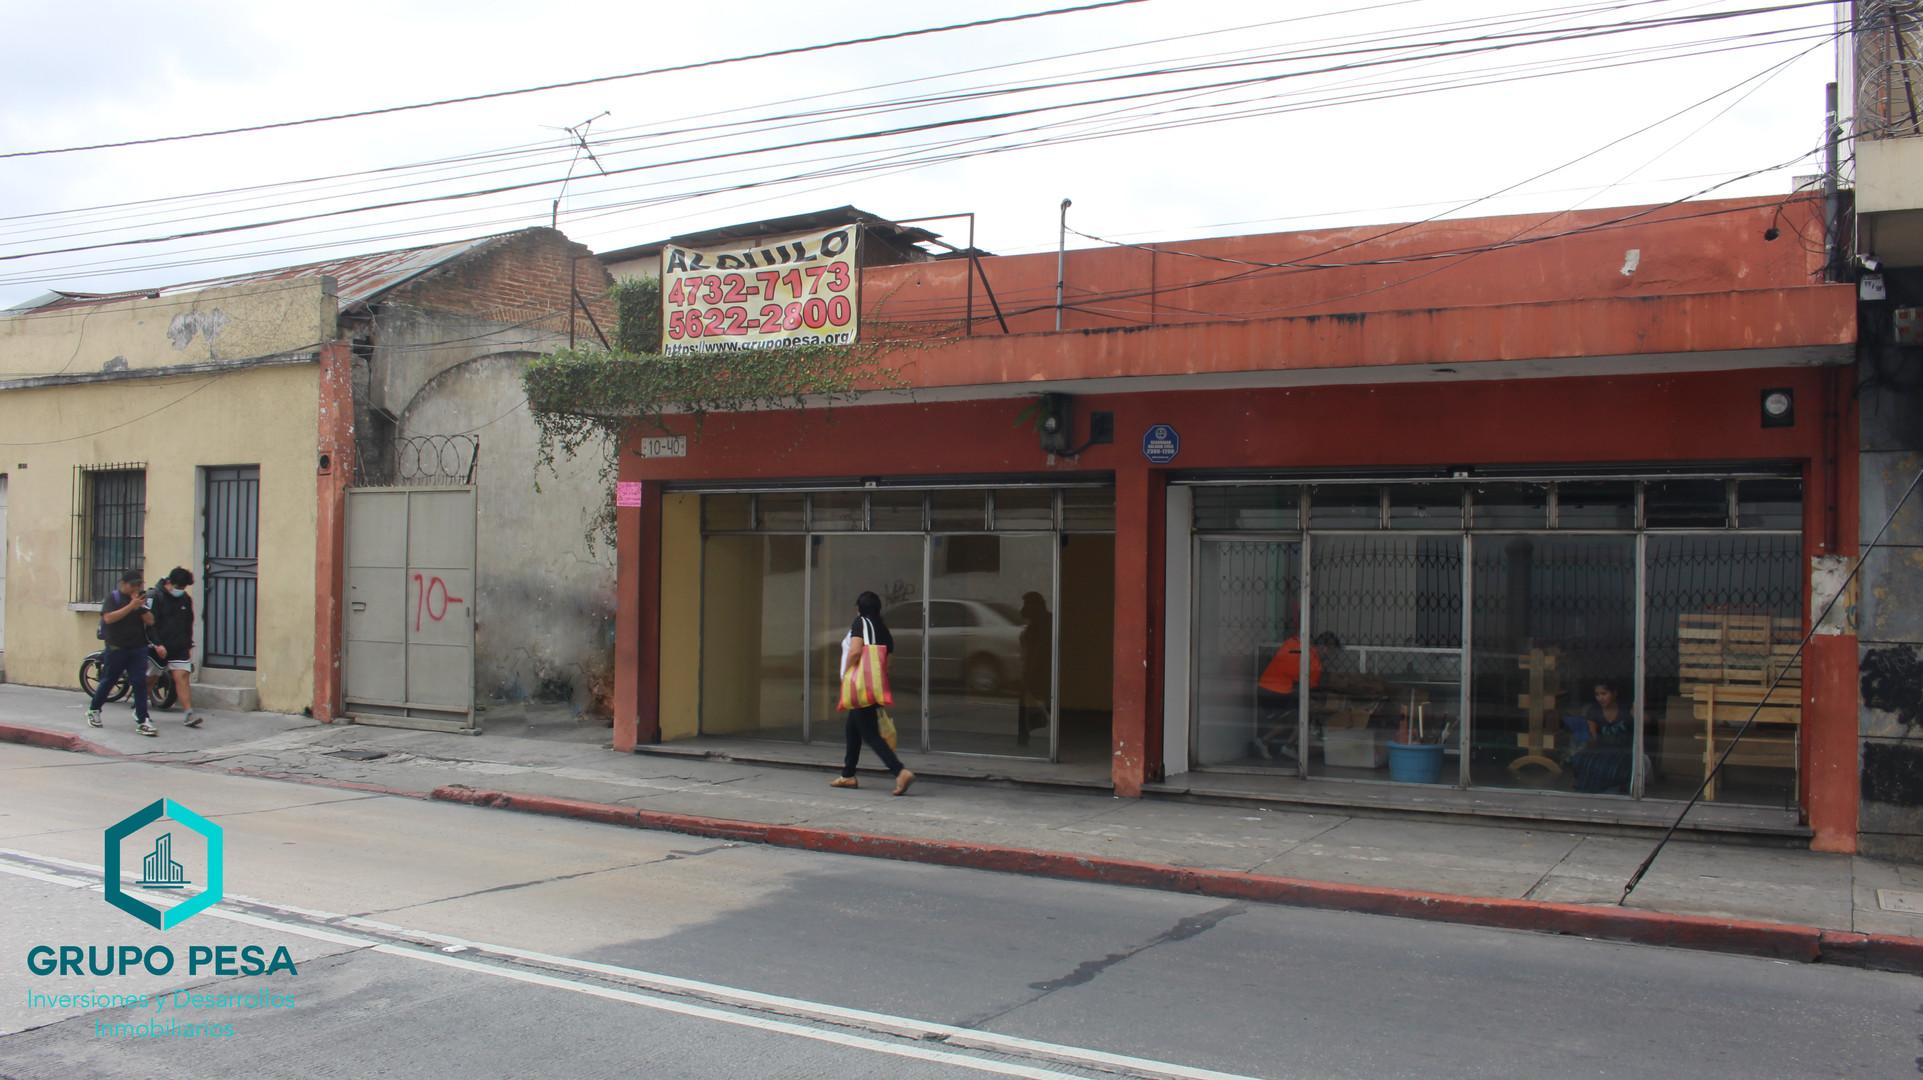 Local Comercial | 10 Ave. 10-40 Zona 1 | Cd. de Guatemala